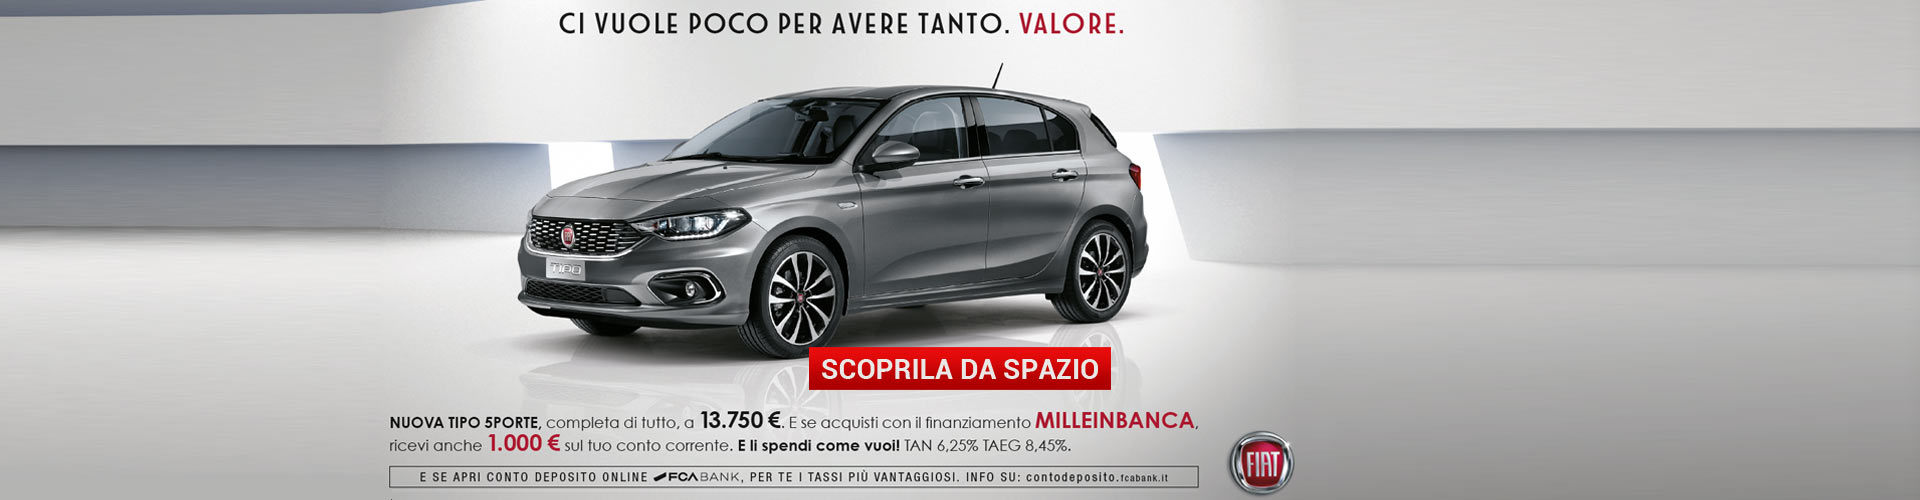 Fiat Tipo finanziamento Milleinbanca